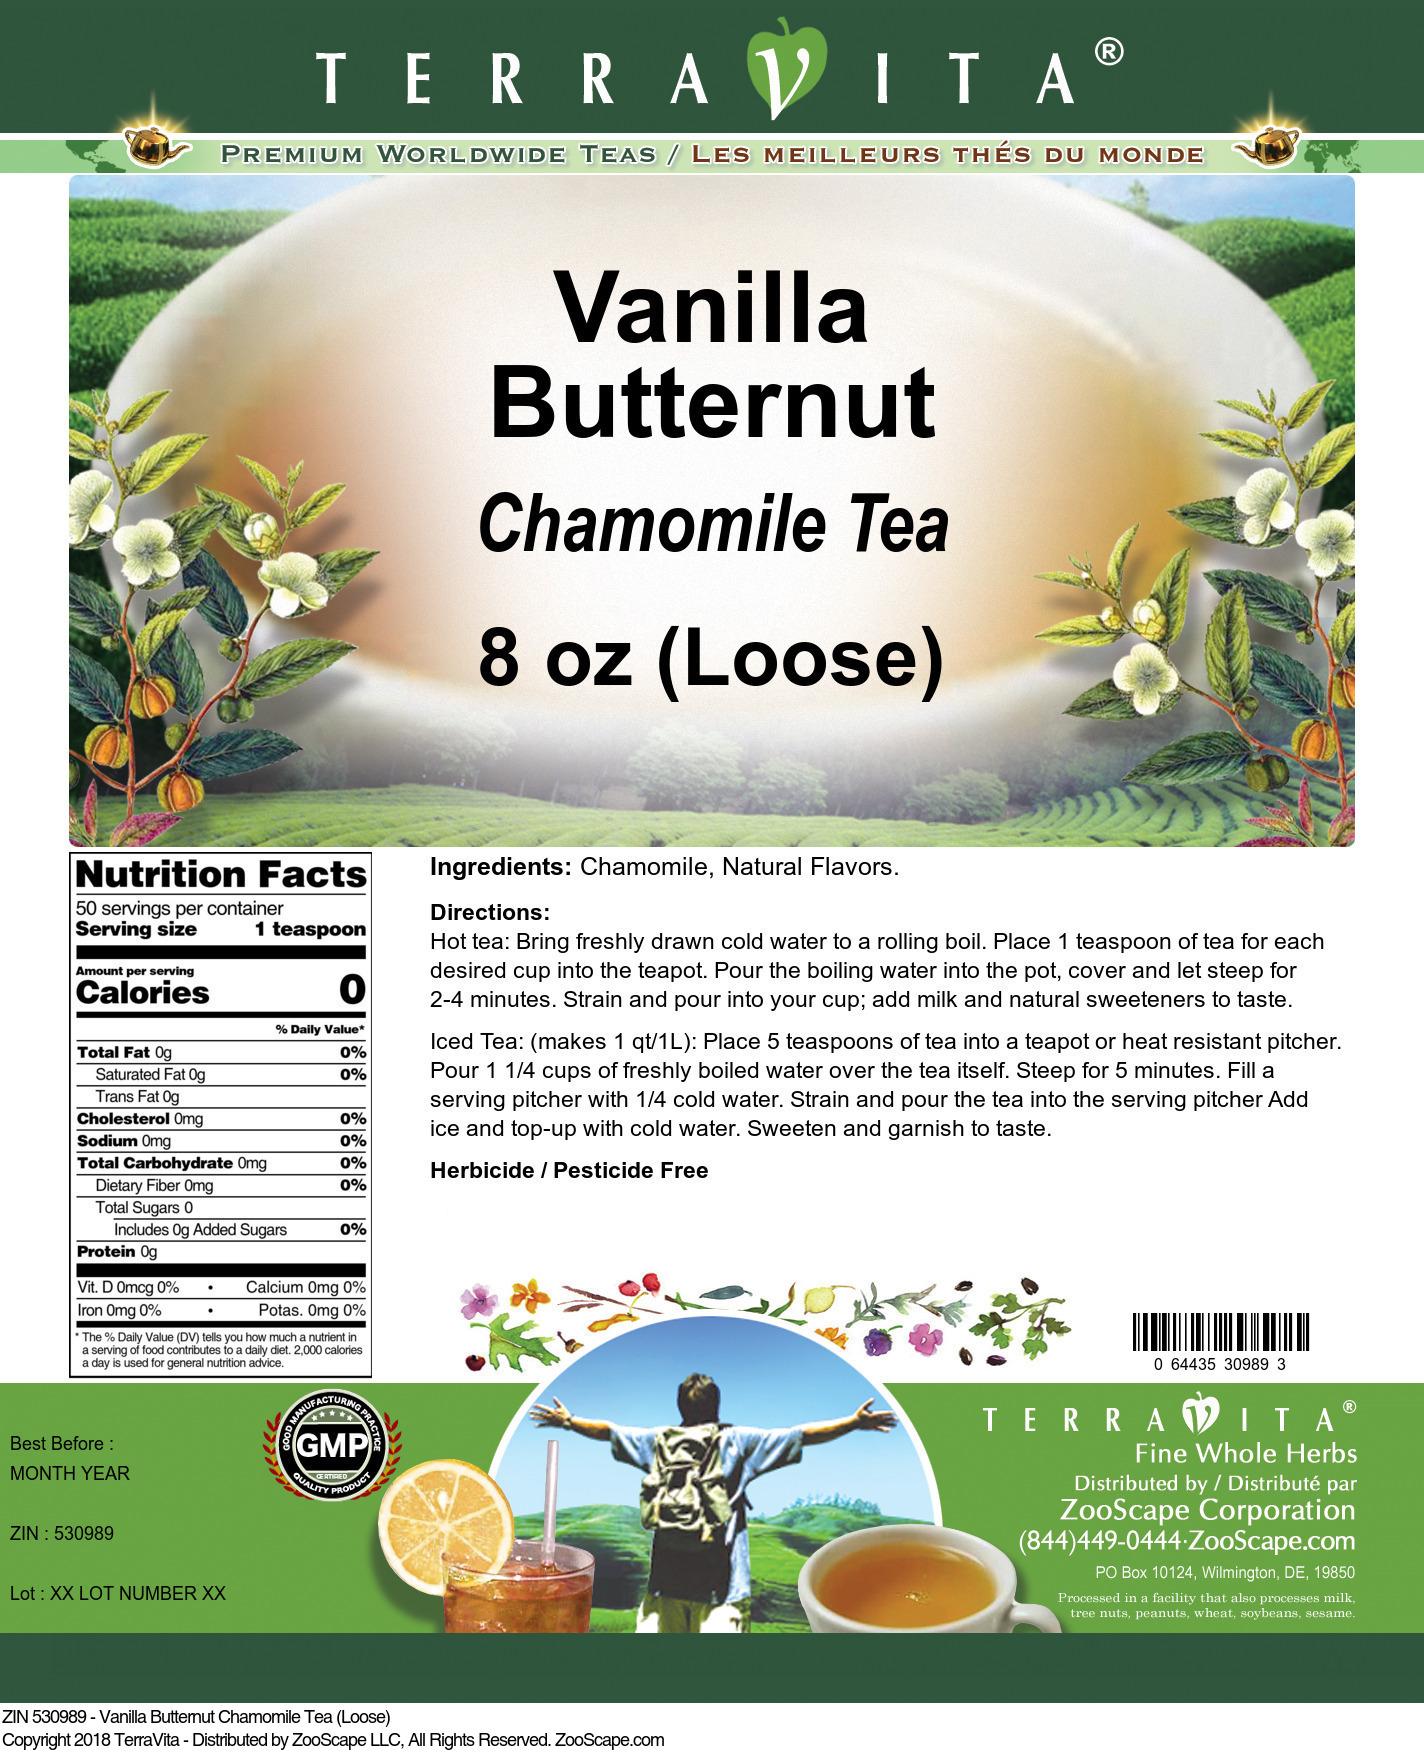 Vanilla Butternut Chamomile Tea (Loose)